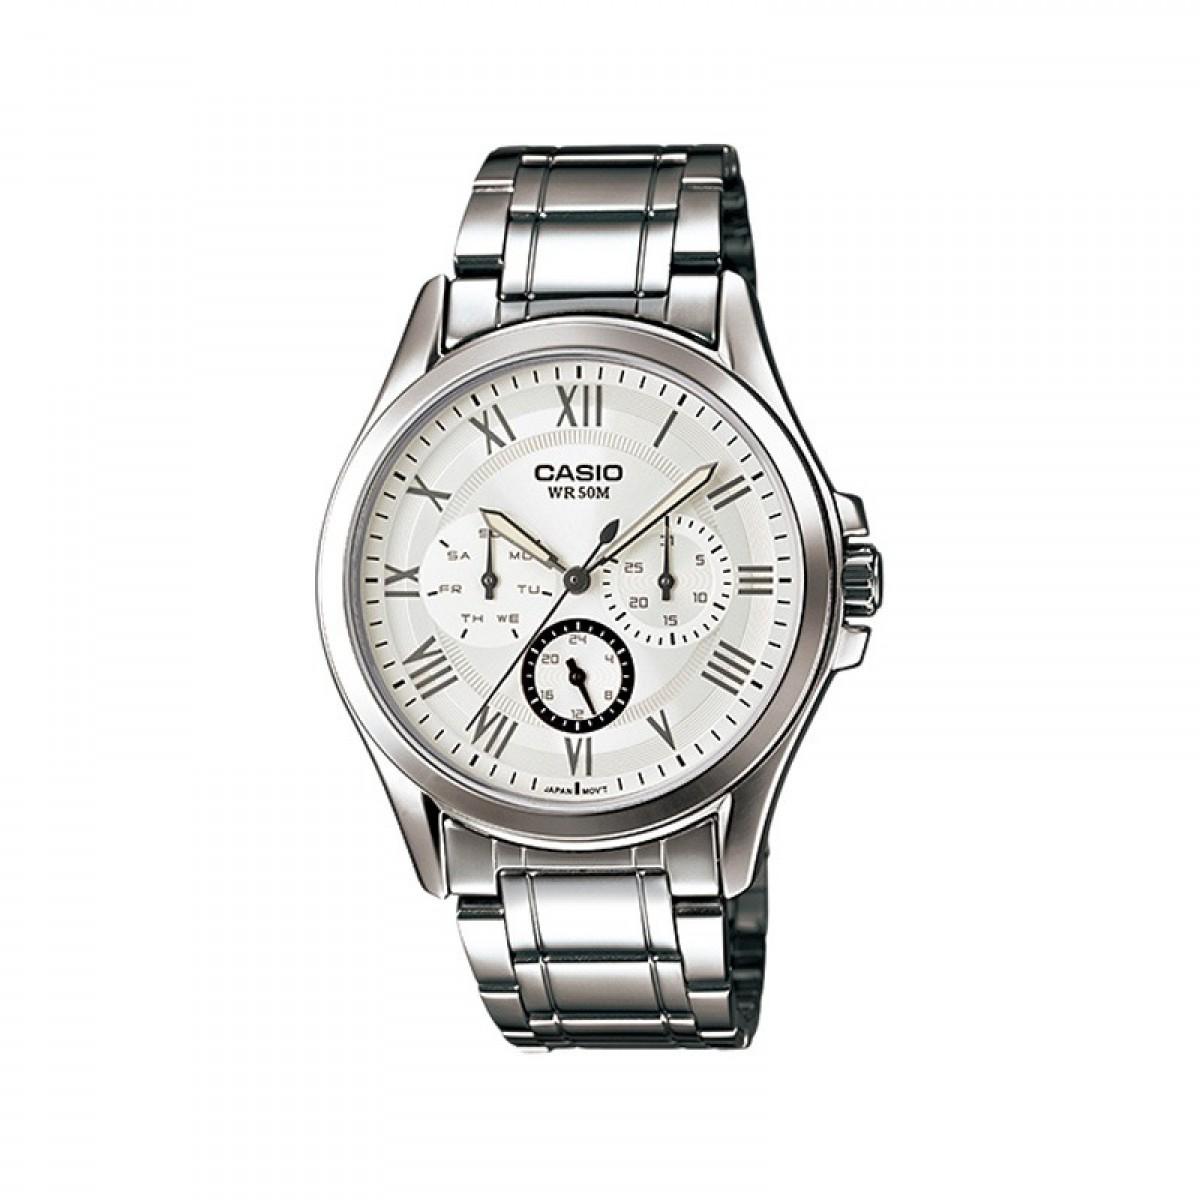 Часовник Casio MTP-E301D-7B1V